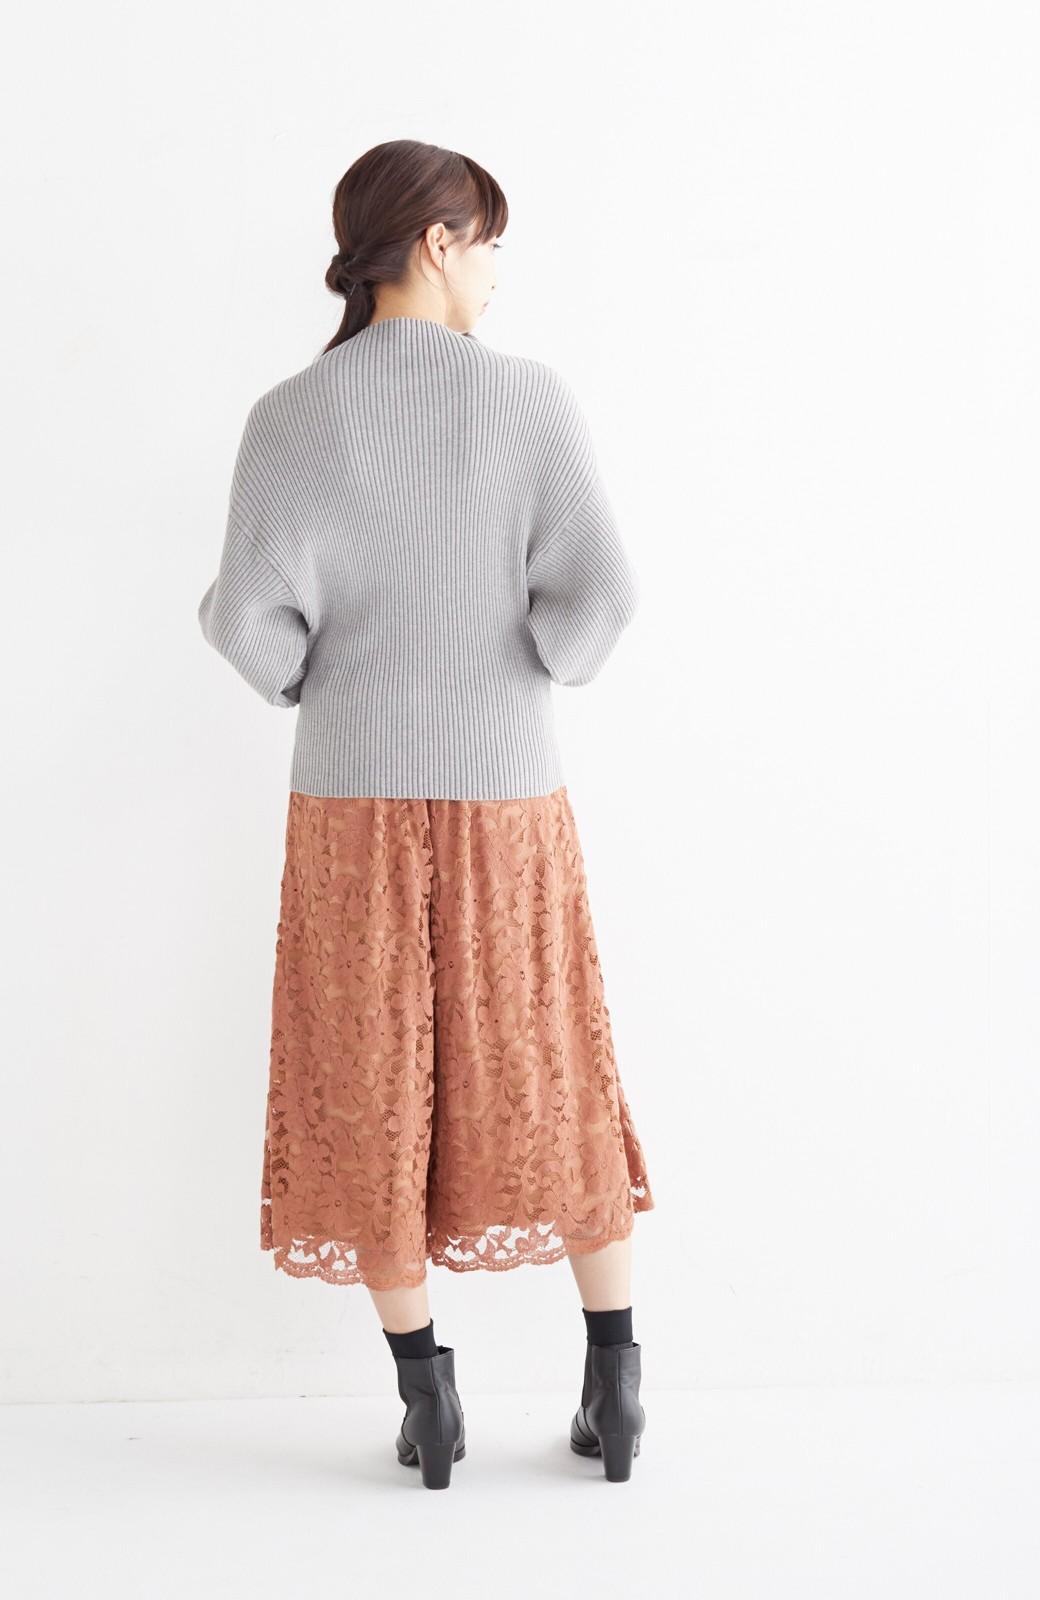 エムトロワ PBP 素肌に贅沢 カシミア混のオーガニックコットン袖ぷっくりリブニット <杢グレー>の商品写真10